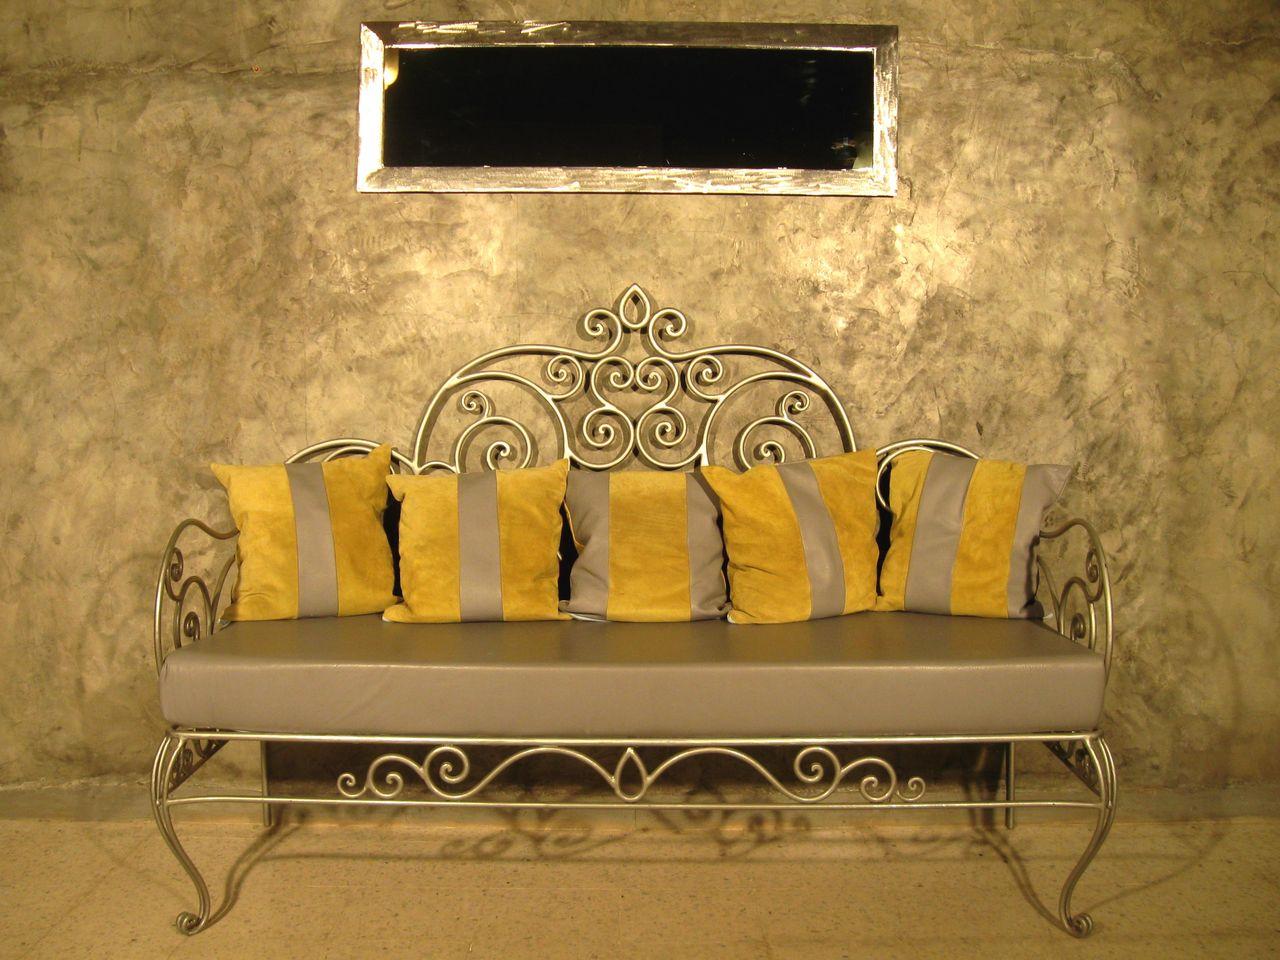 salon en fer forge sammlung von design zeichnungen als inspirierendes design f r. Black Bedroom Furniture Sets. Home Design Ideas